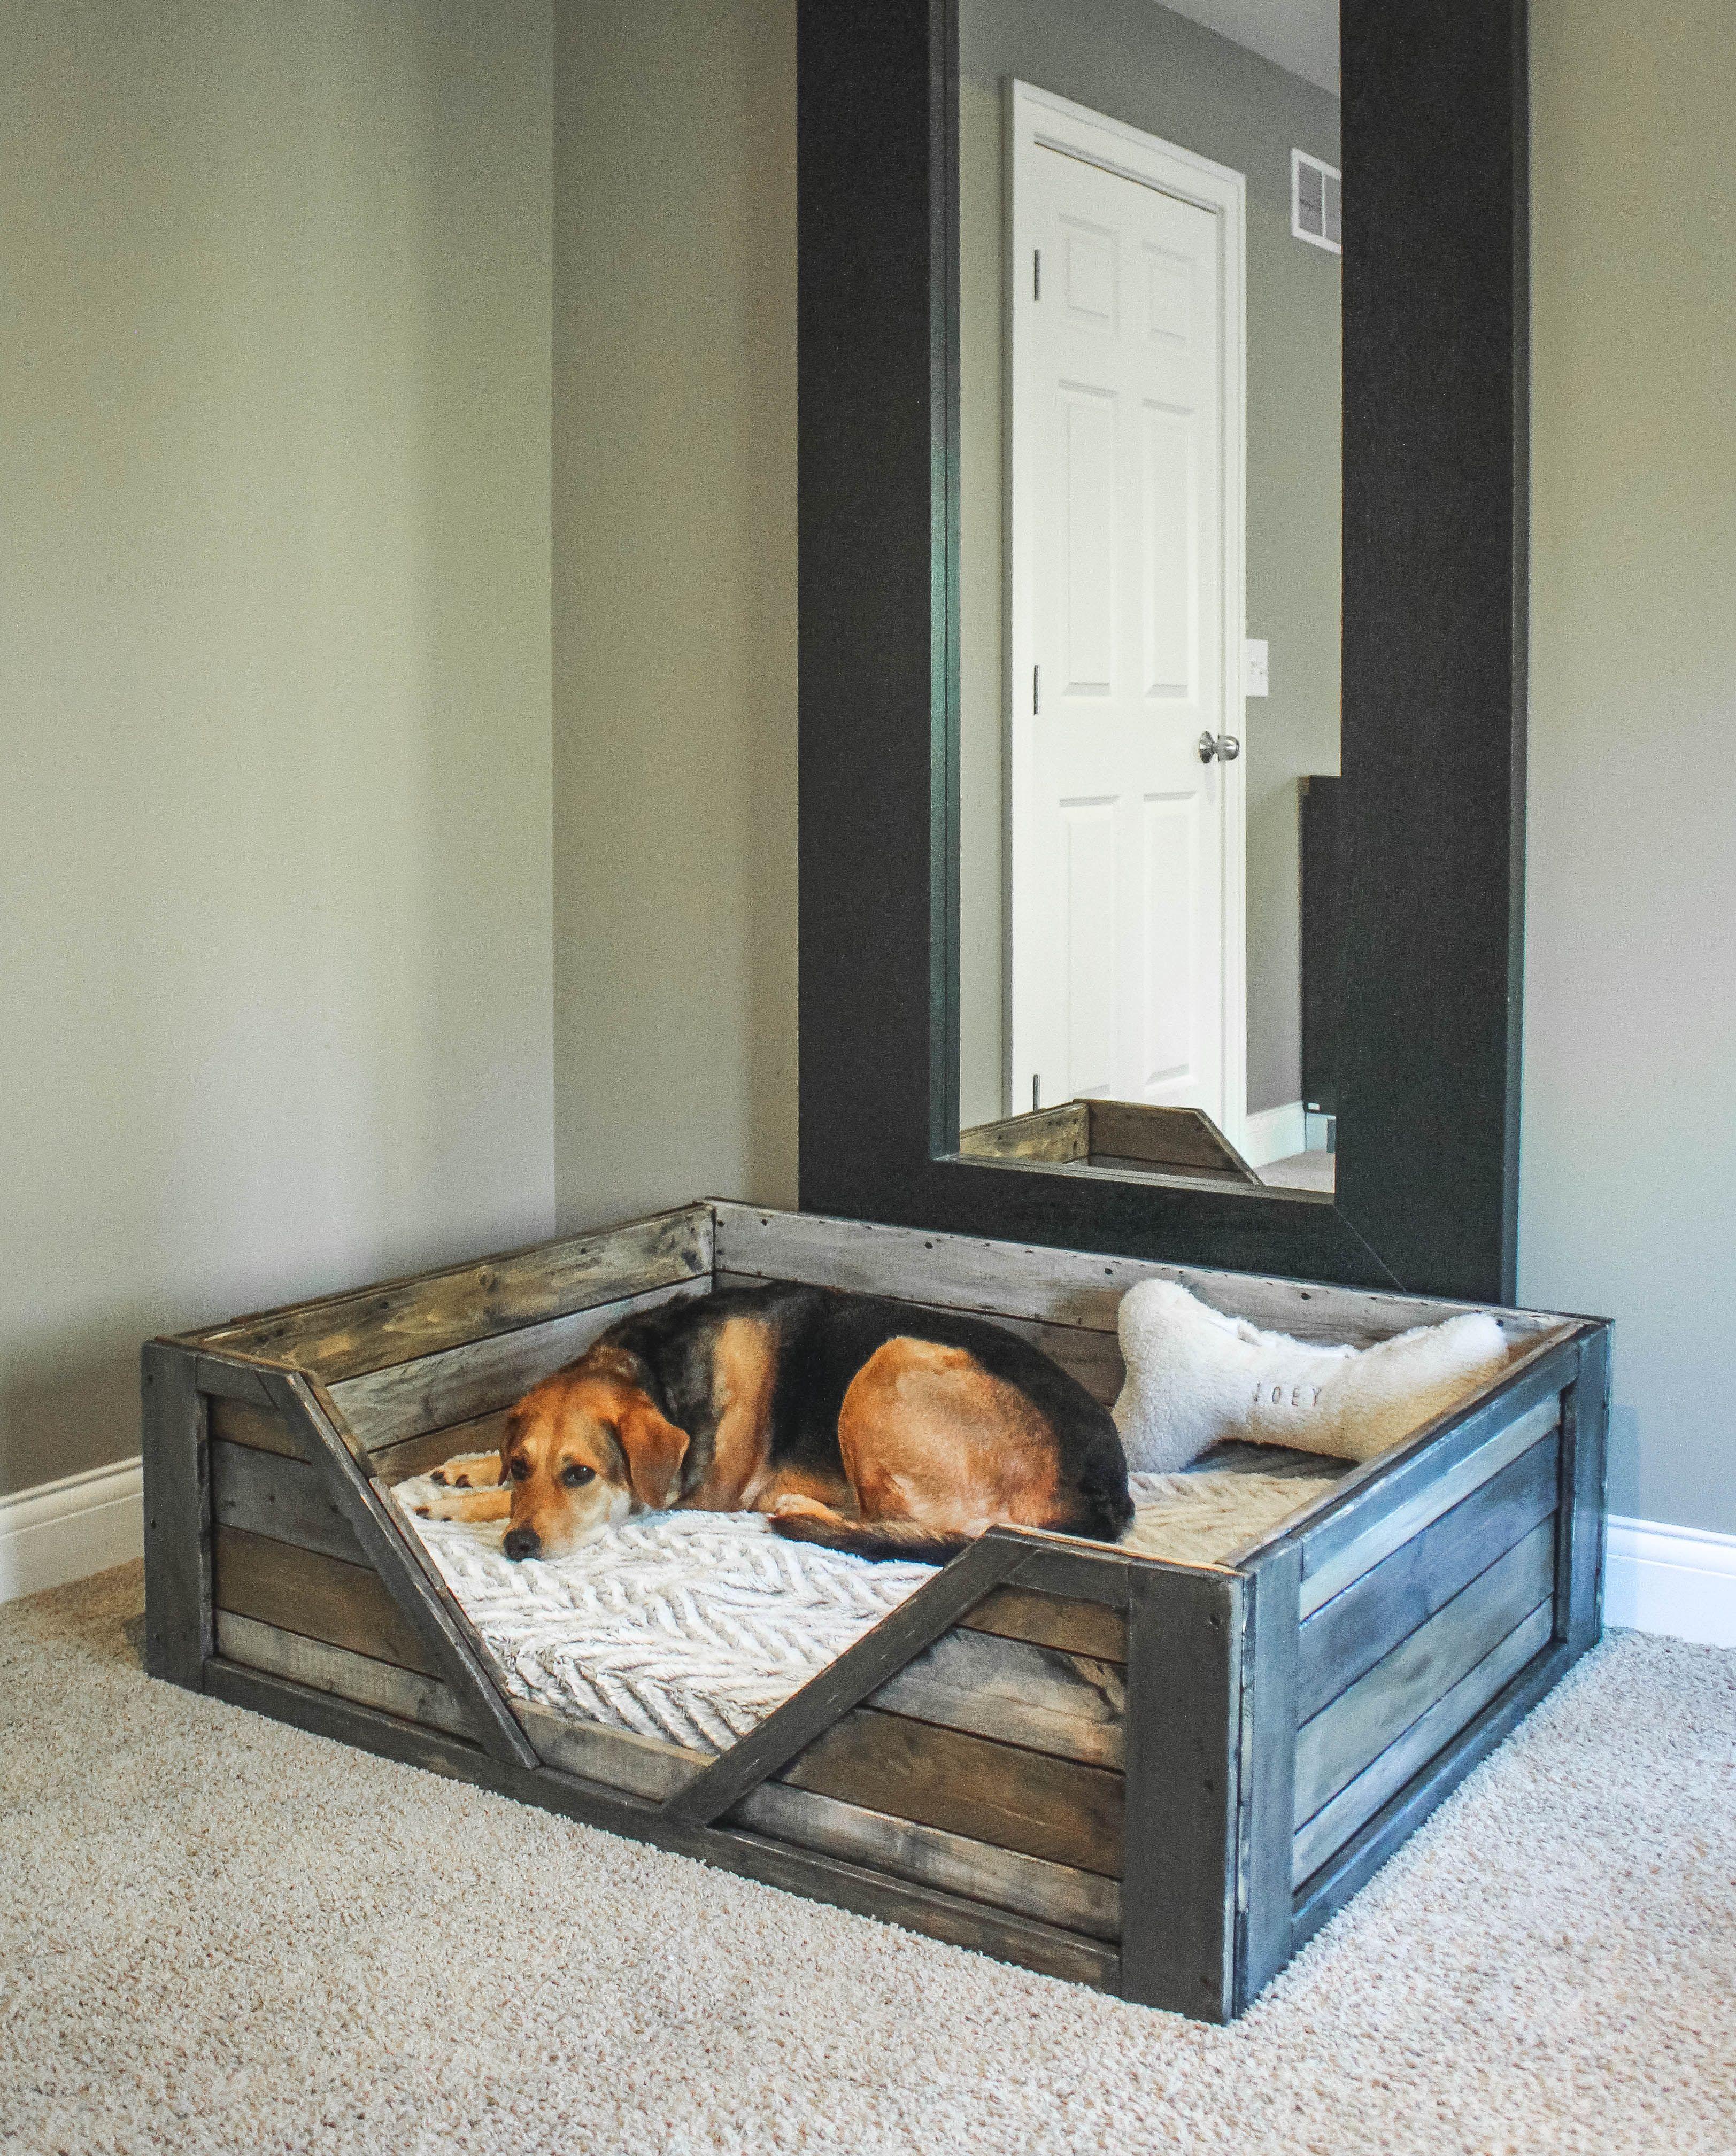 Img 4942 4 Diy Rustic Dog Beds Pallet Dog Beds Dog Rooms